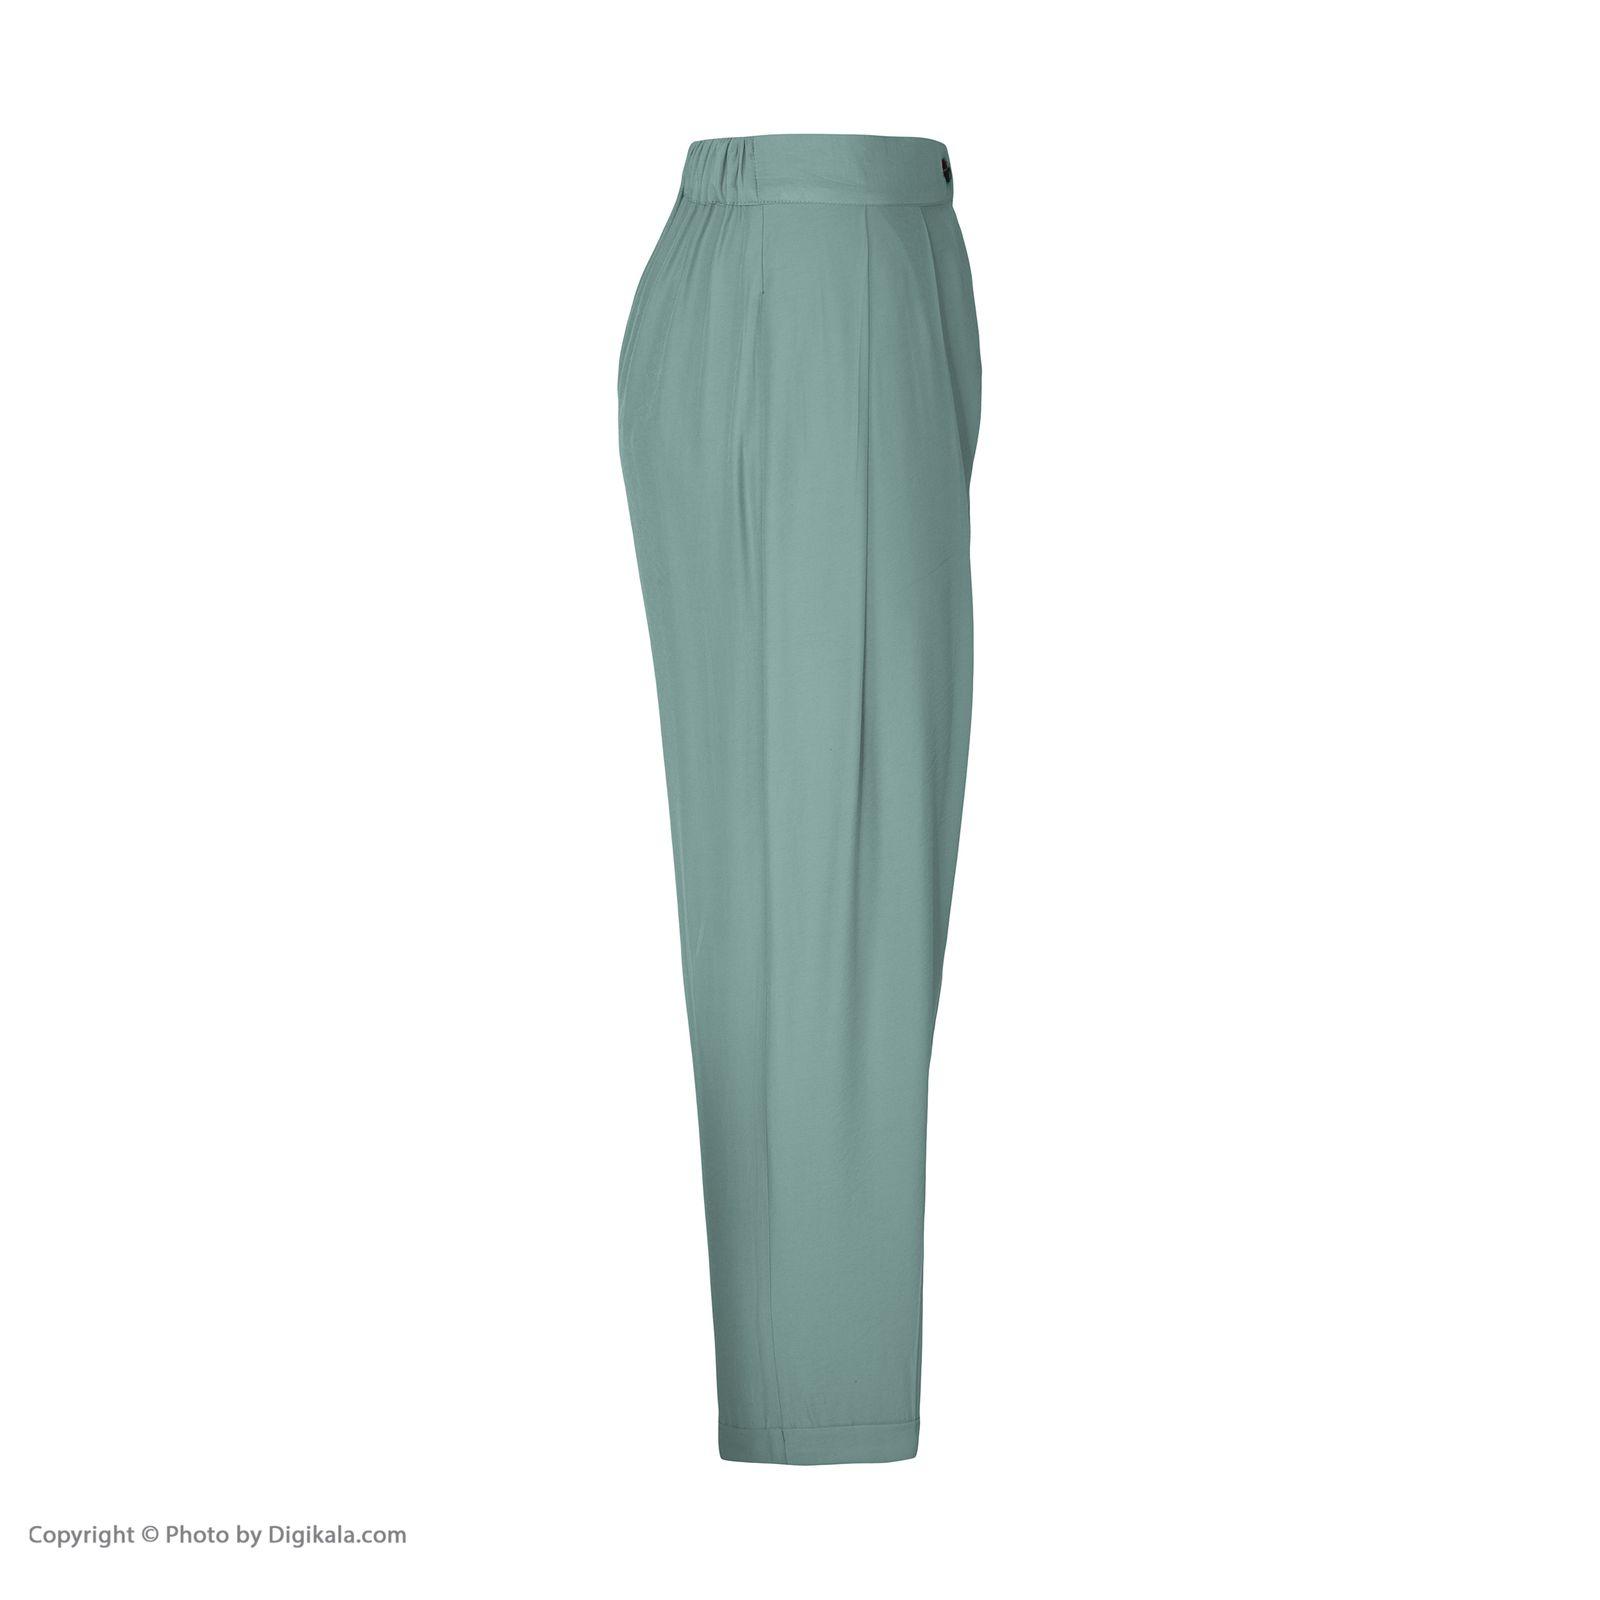 ست کت و شلوار زنانه اکزاترس مدل I017001094250009-094 -  - 7